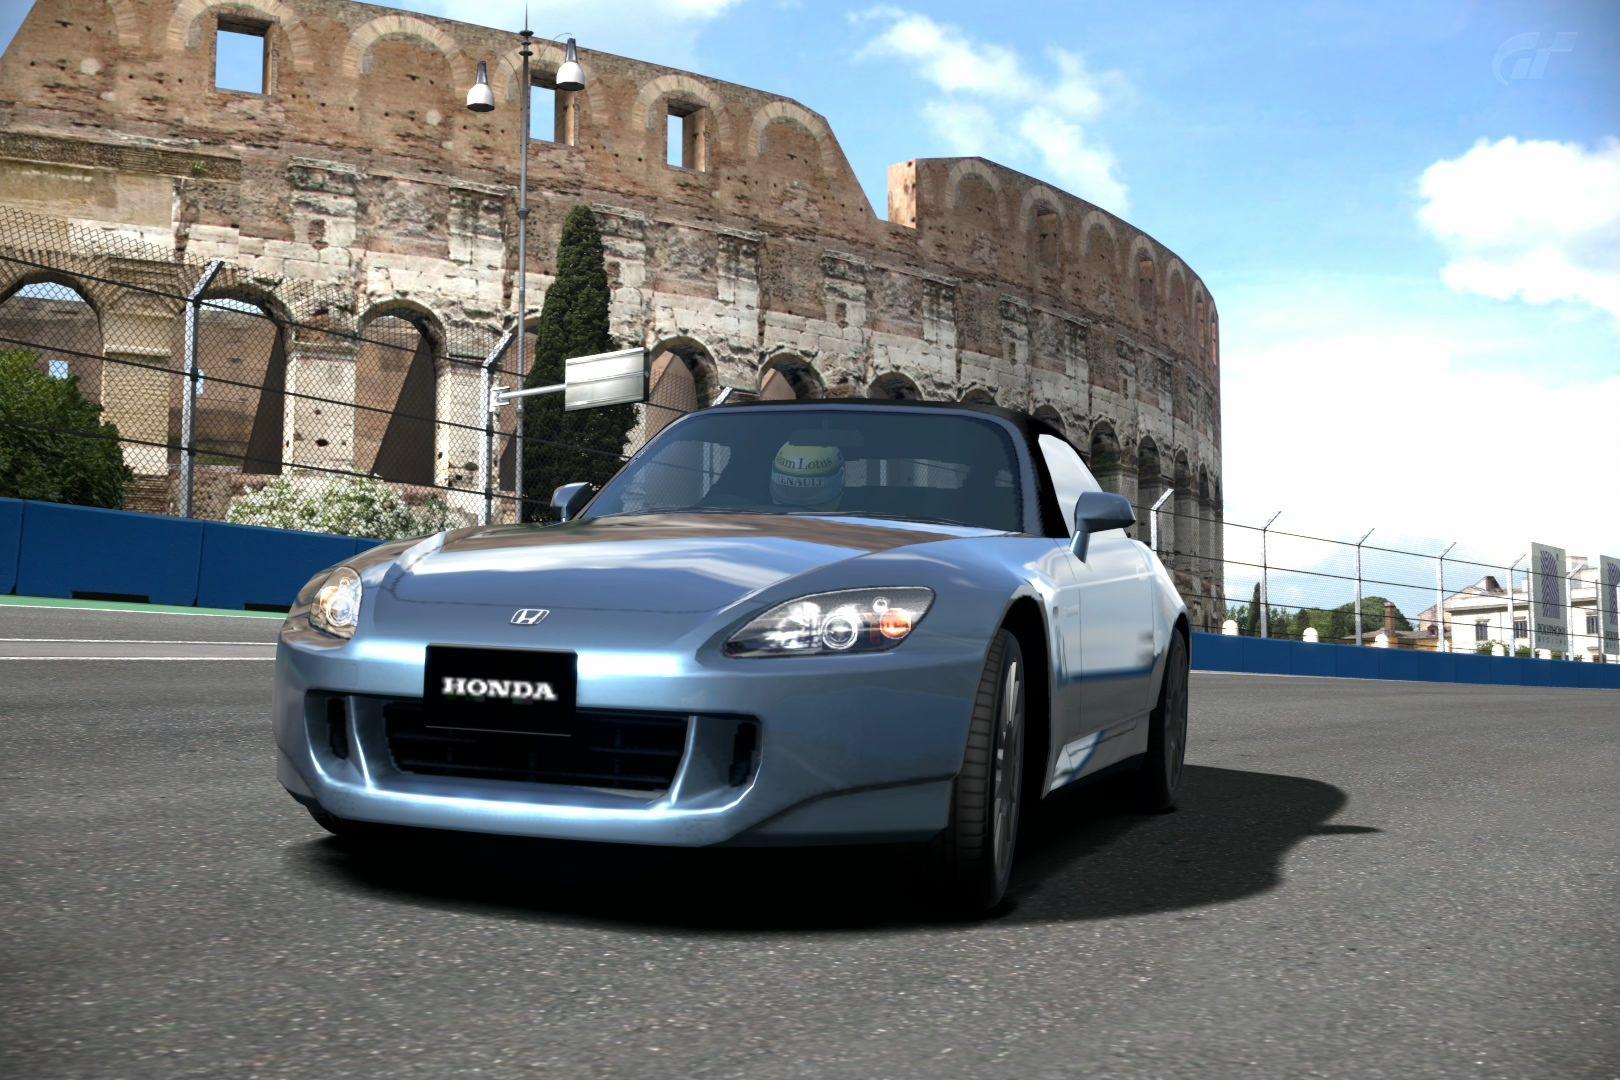 HondaS2000Img1.jpg